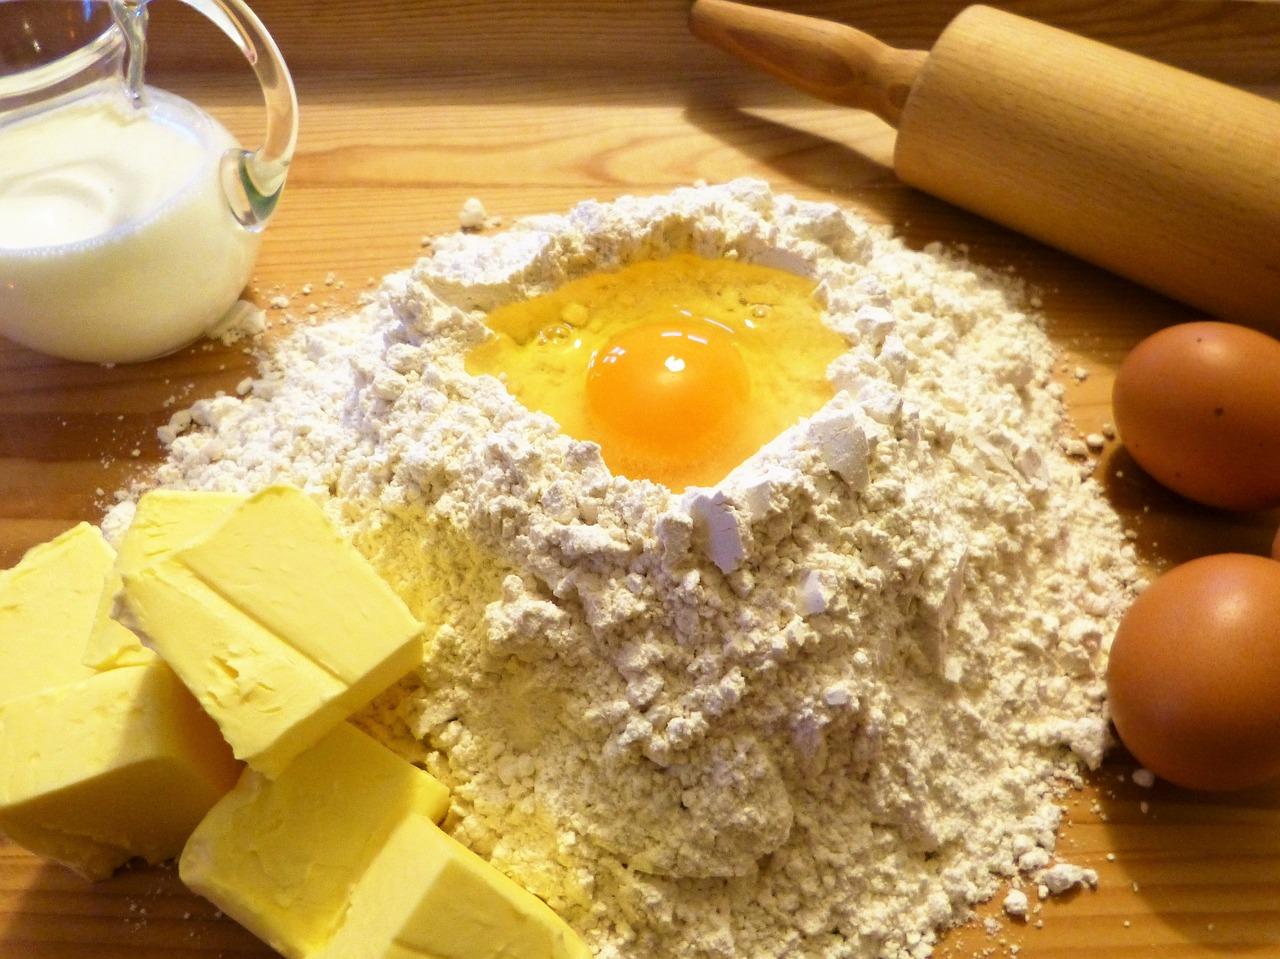 Co to jest mąka orkiszowa? Właściwości i skład, cena, gdzie kupić